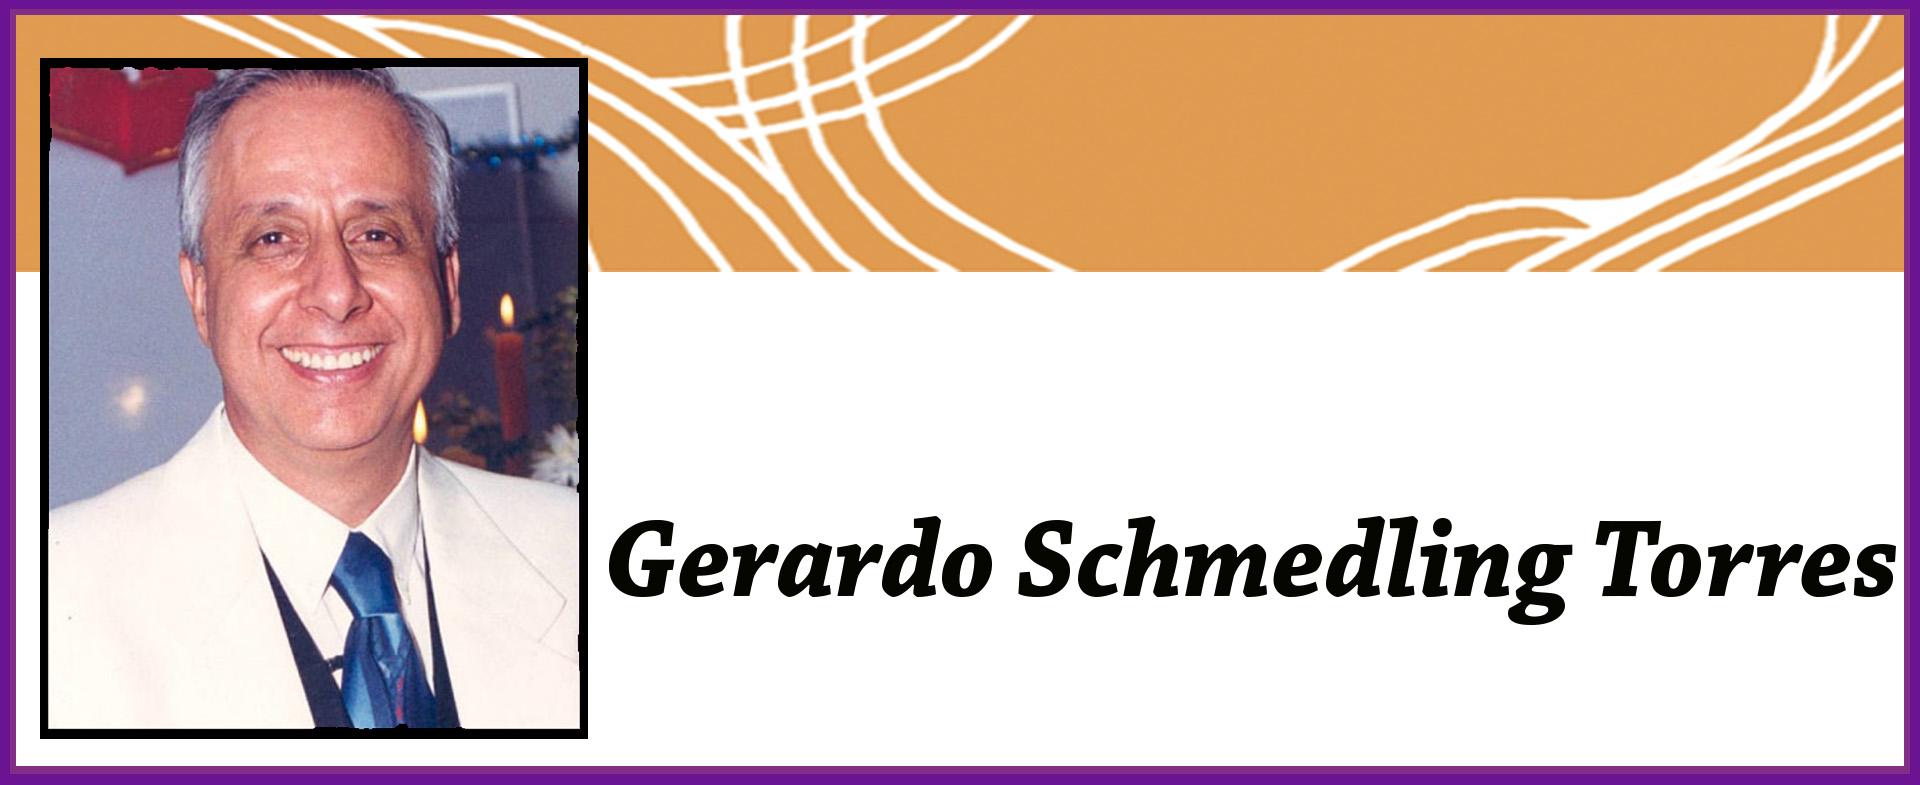 Gerardo Schmedling libros para leer y regalar